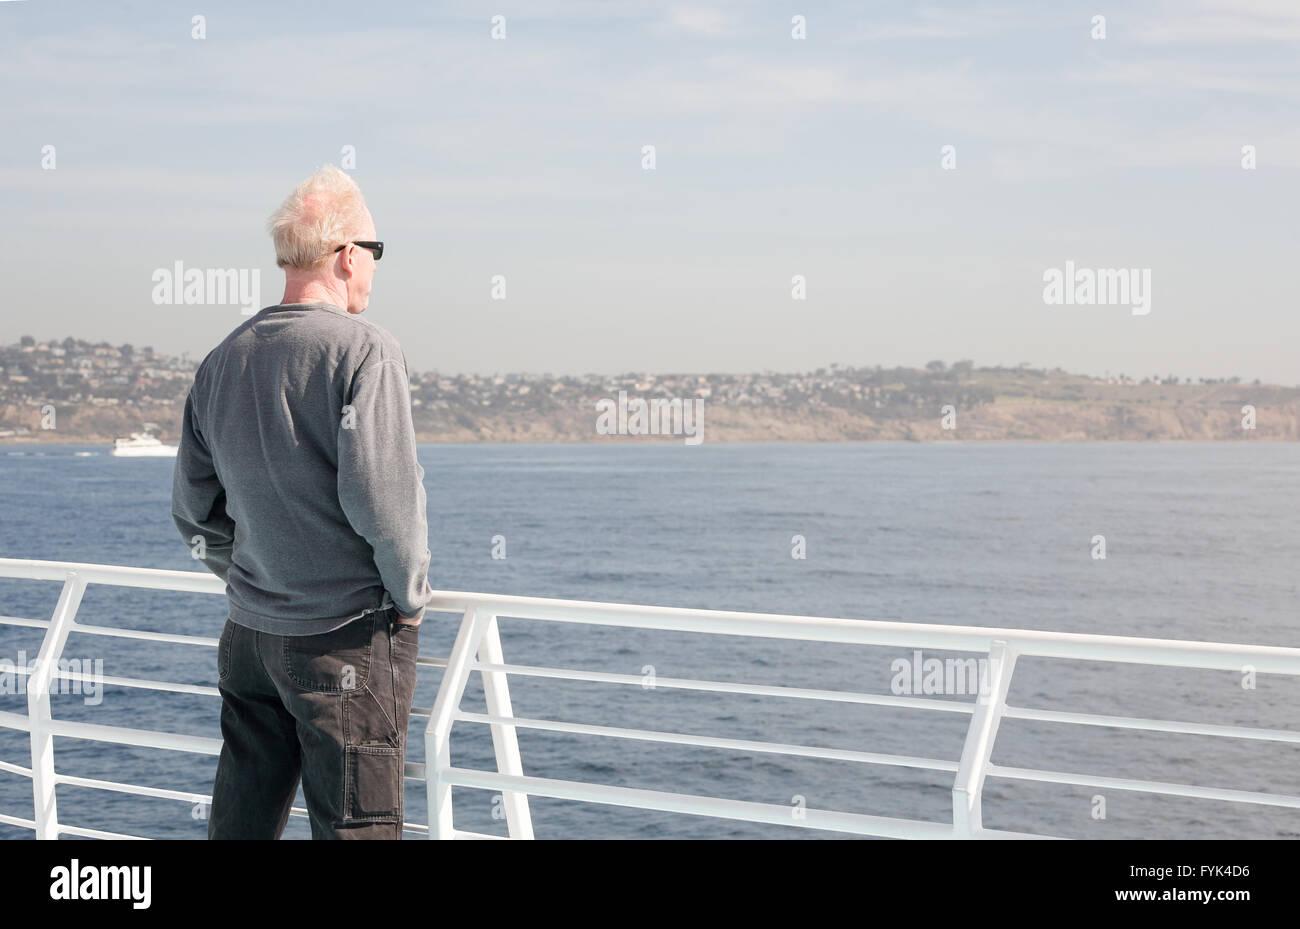 L'âge moyen homme habillé en passant le port de lunettes est à côté d'une balustrade Photo Stock